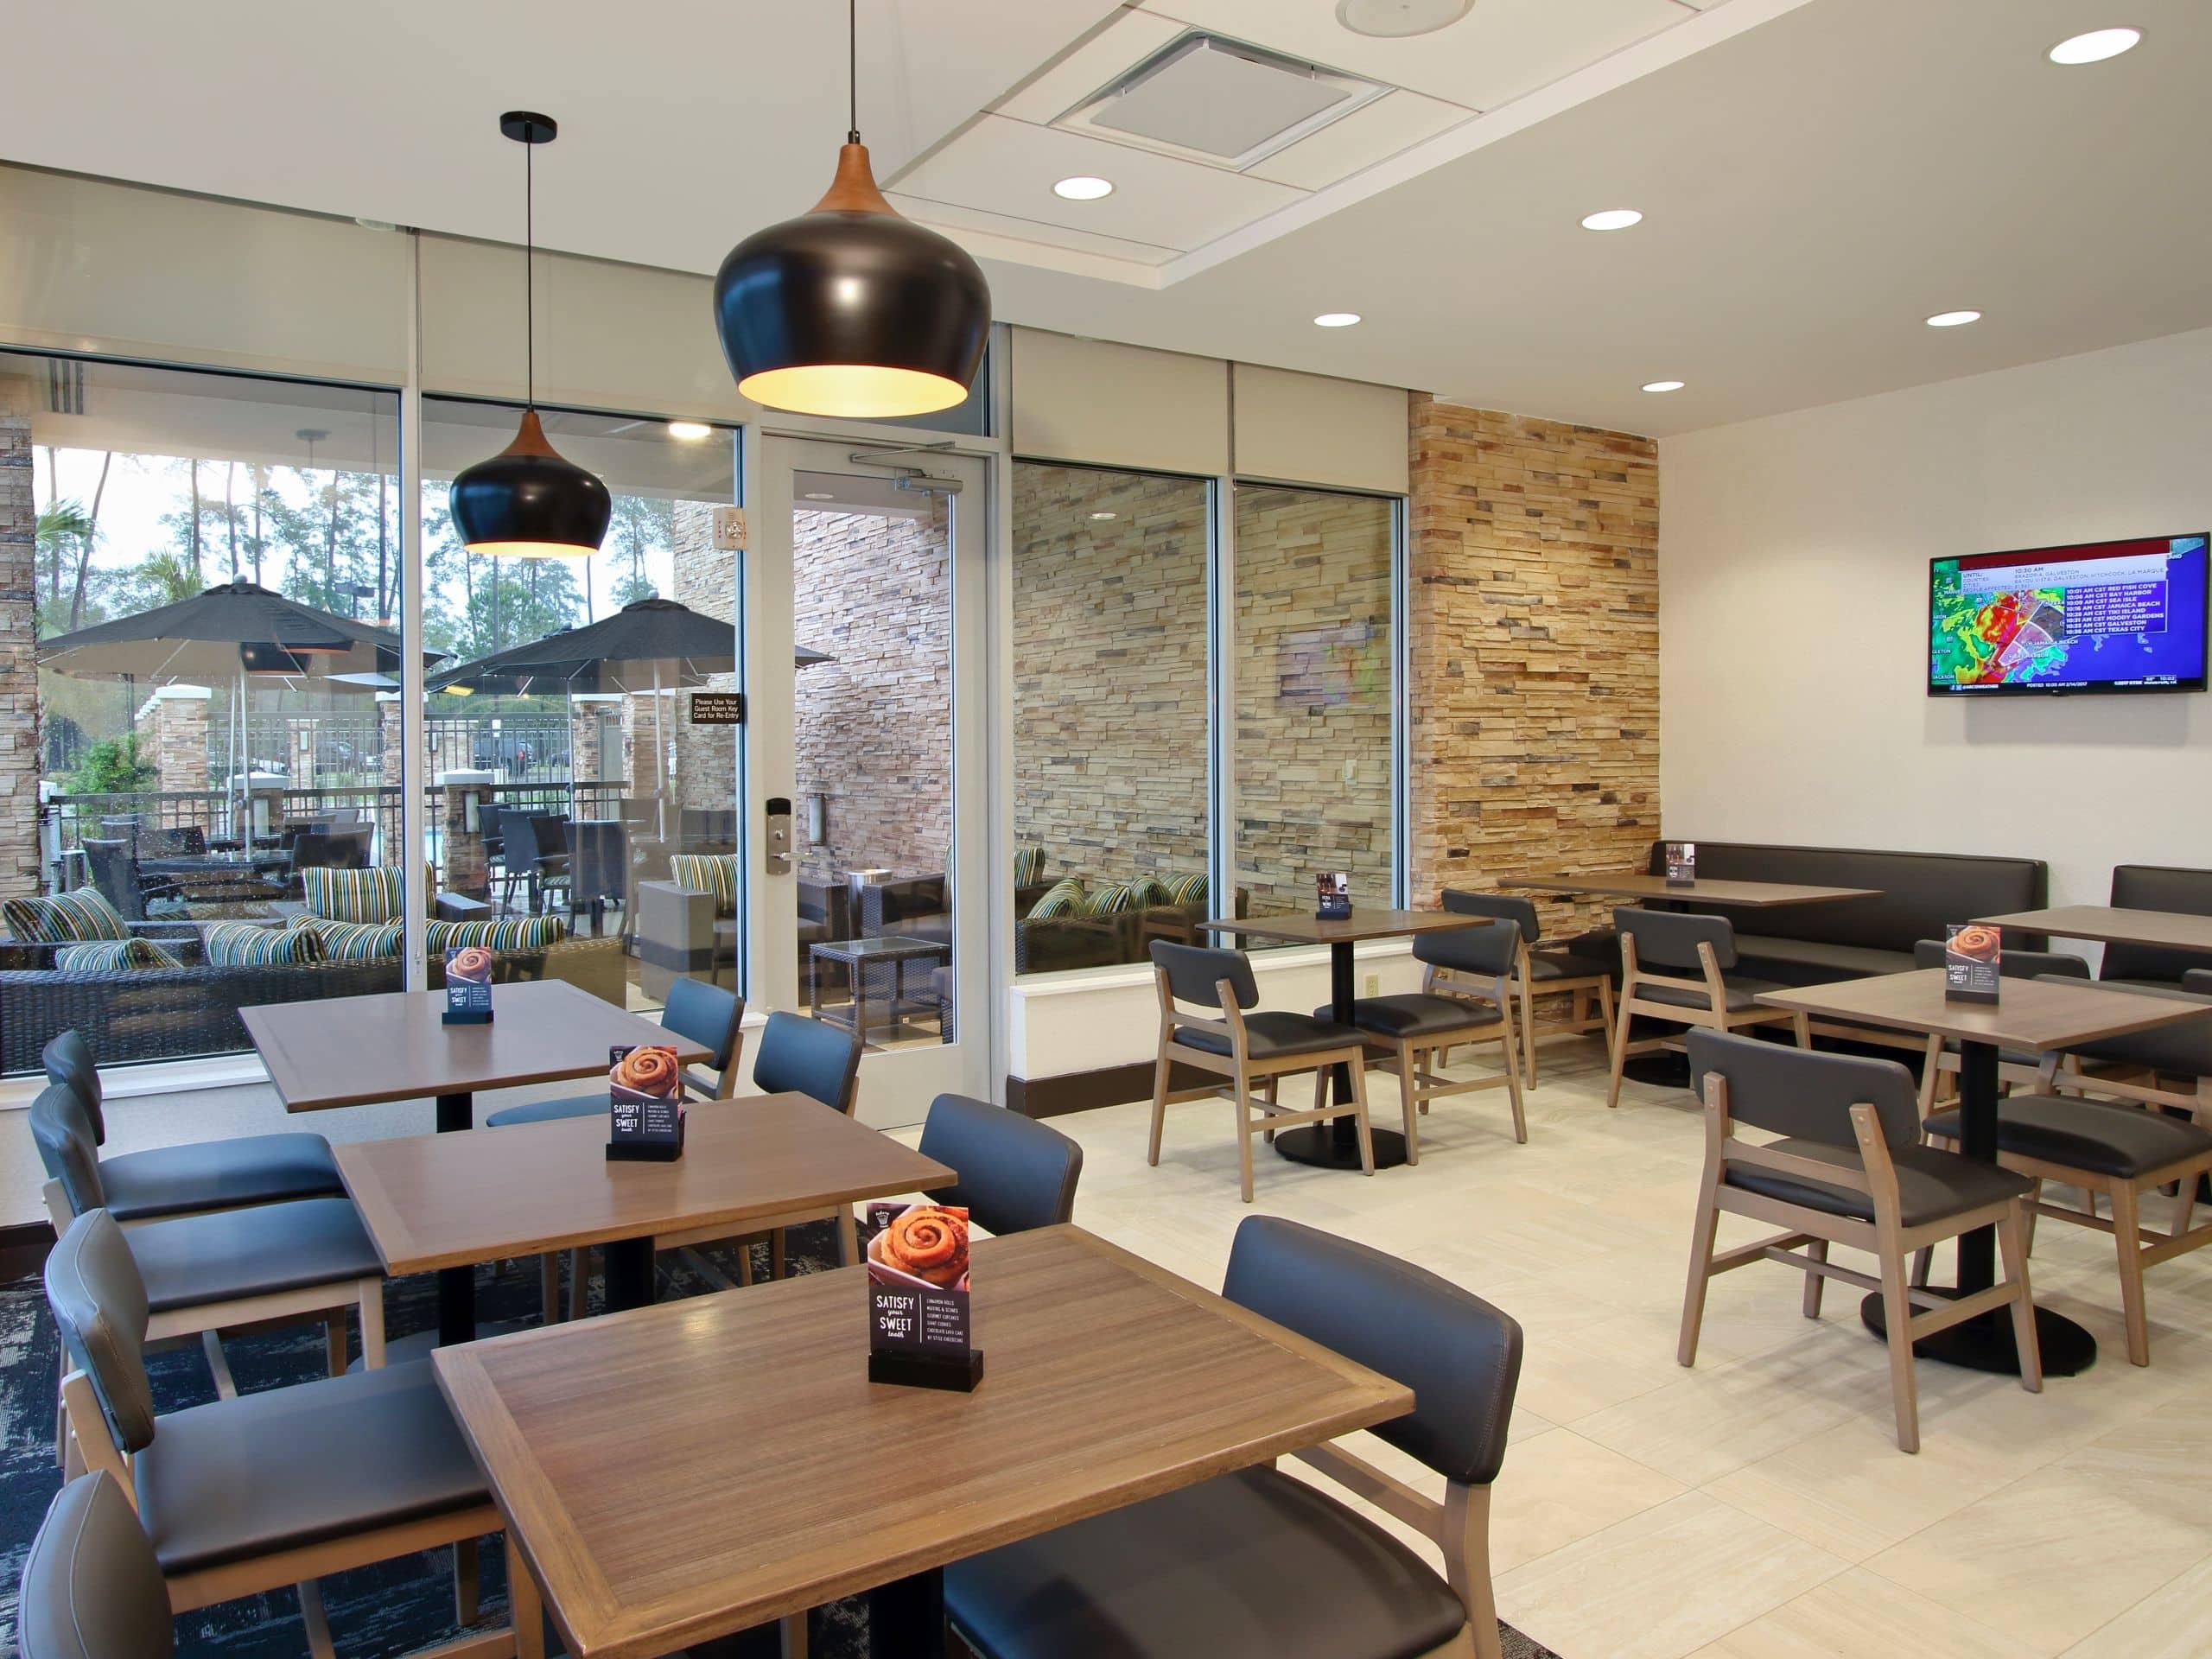 Contemporary Hotel In Katy Texas Hyatt Place Houston Katy